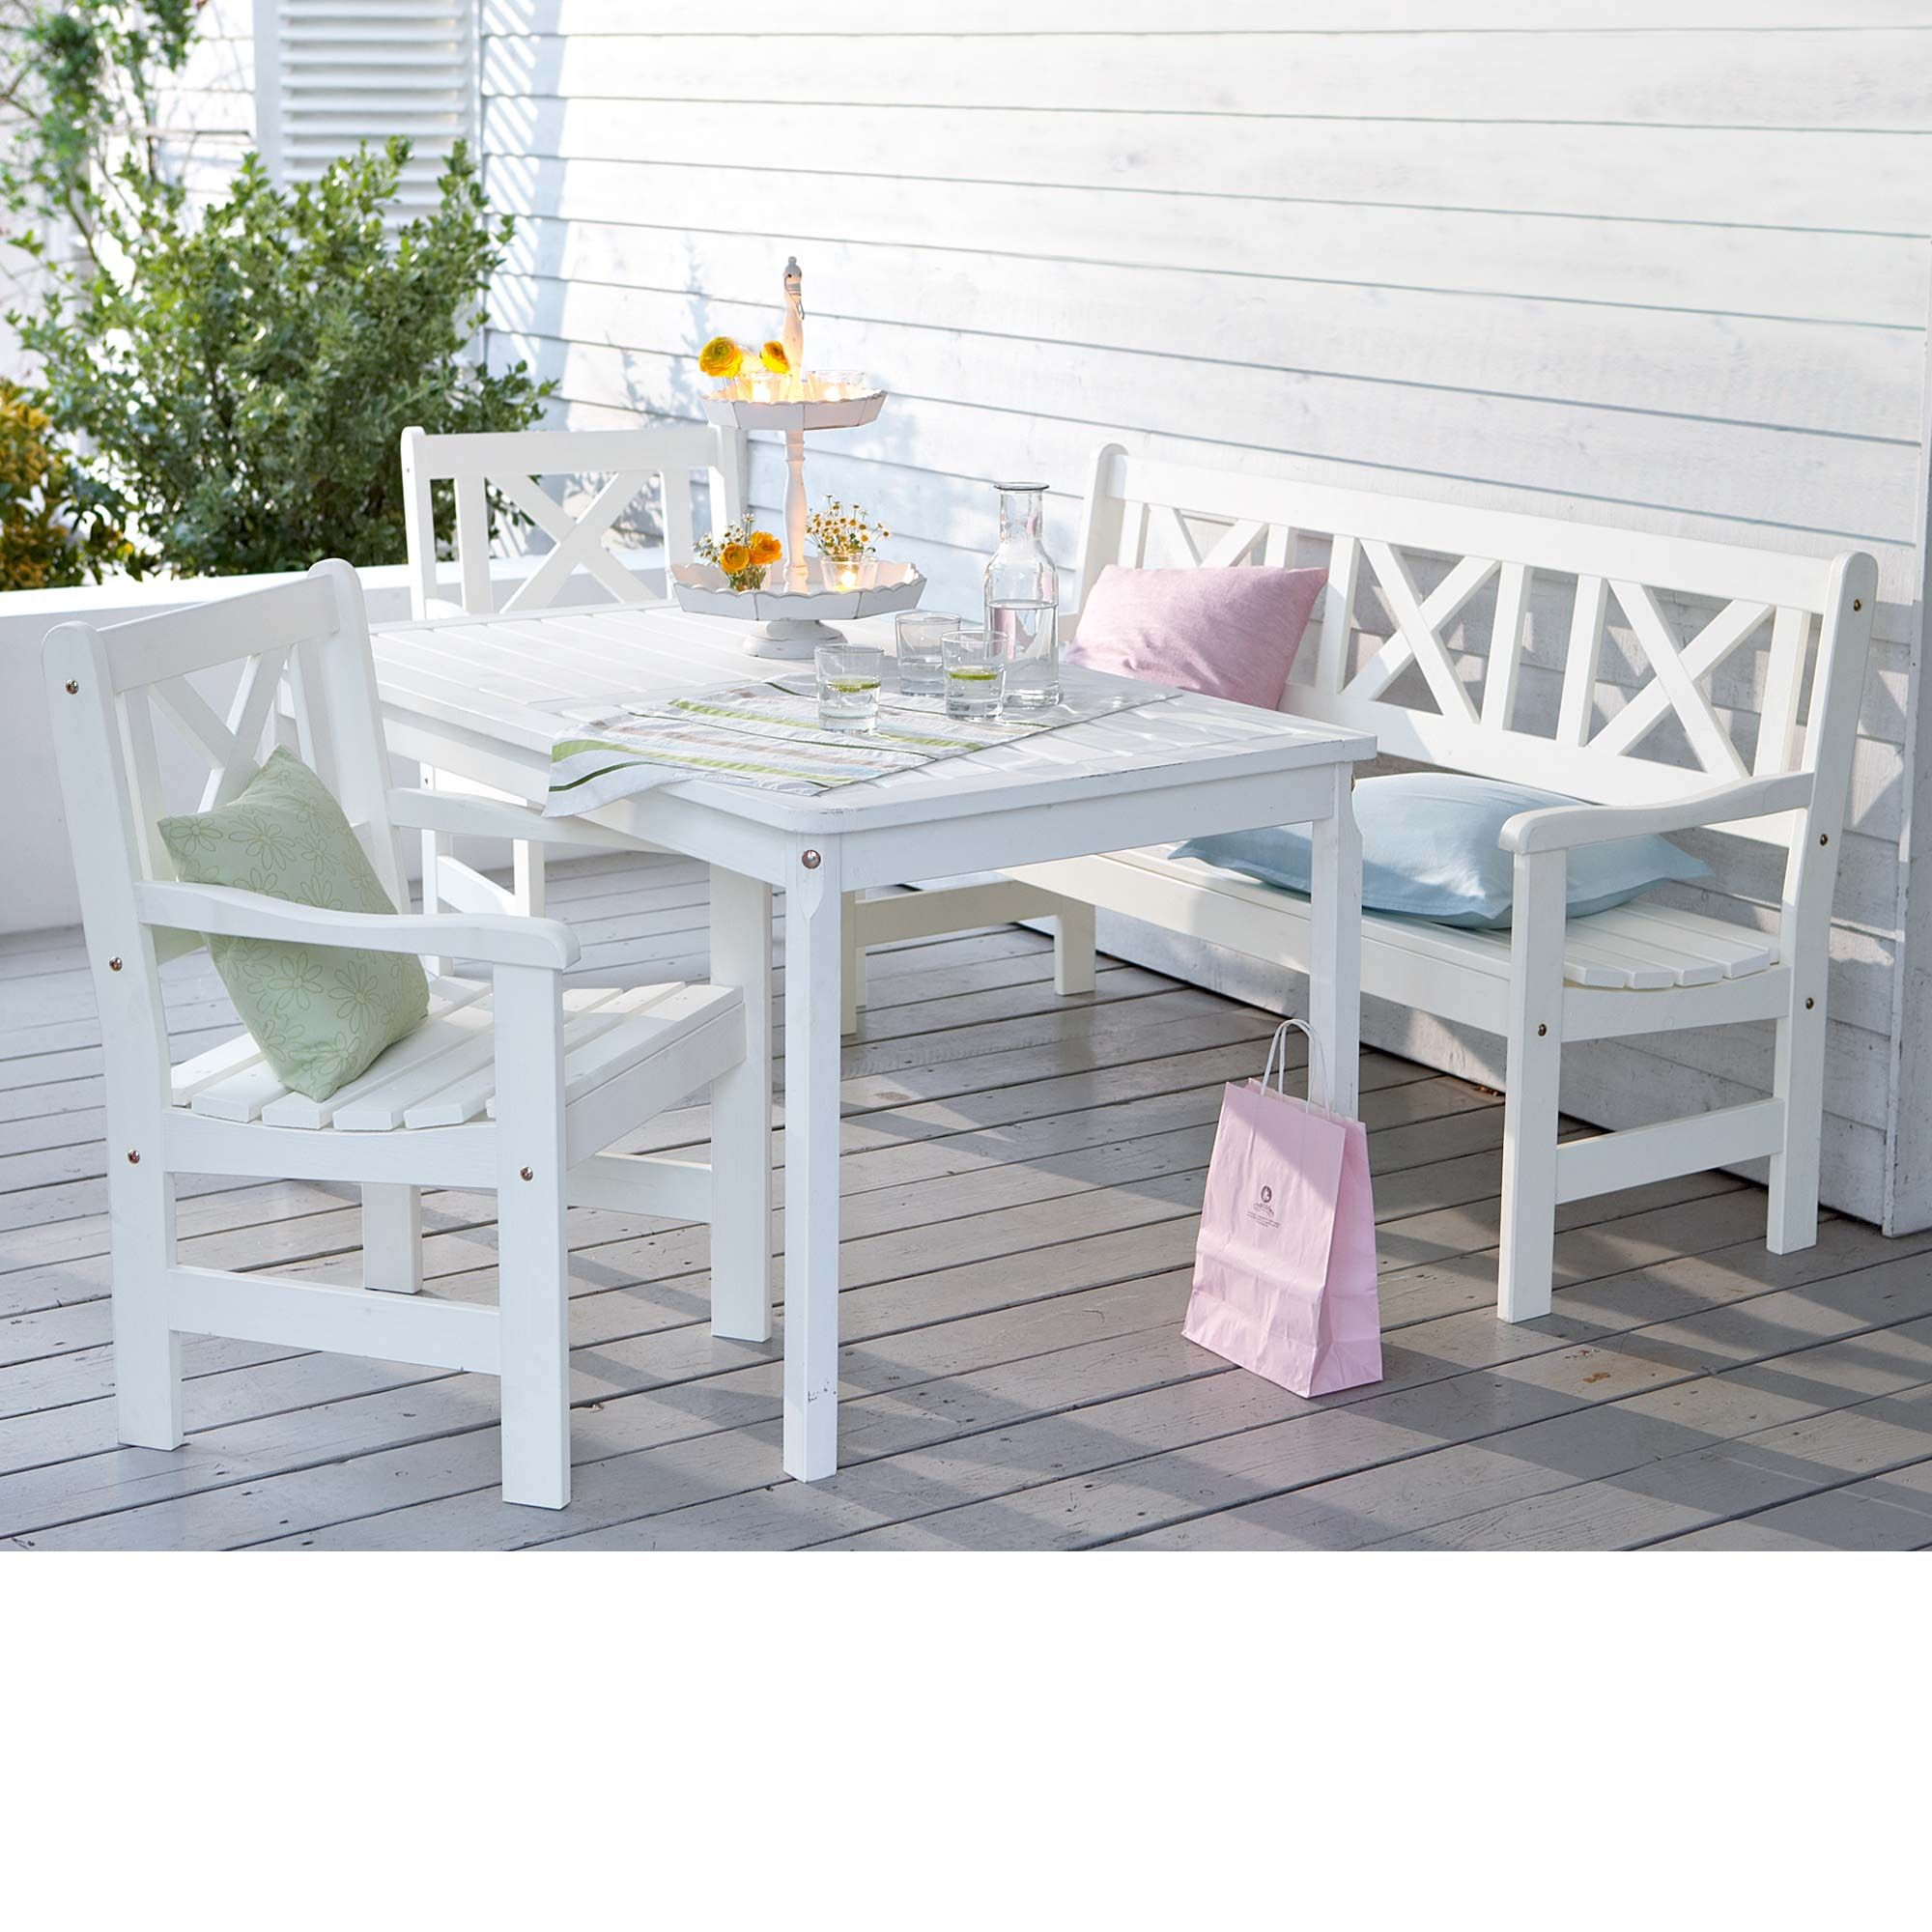 Spar Set bestehend aus Bank und Tisch sowie Stuhl Set Details Maße Gartenbank x x cm Tisch 135 x 77 x 72 cm Stuhl 57 x 58 x 89